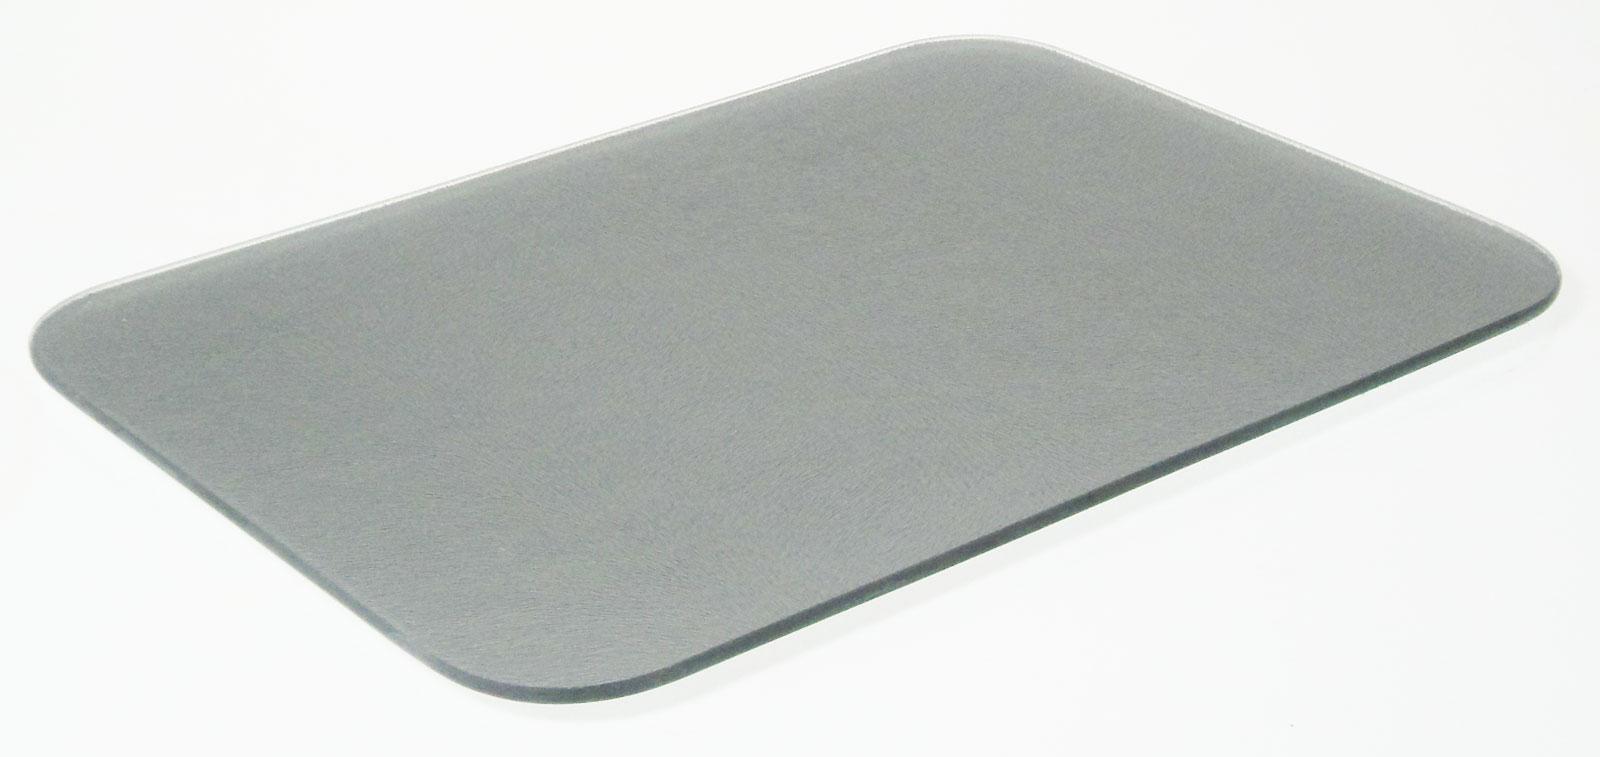 Black Glass Worktop Protector